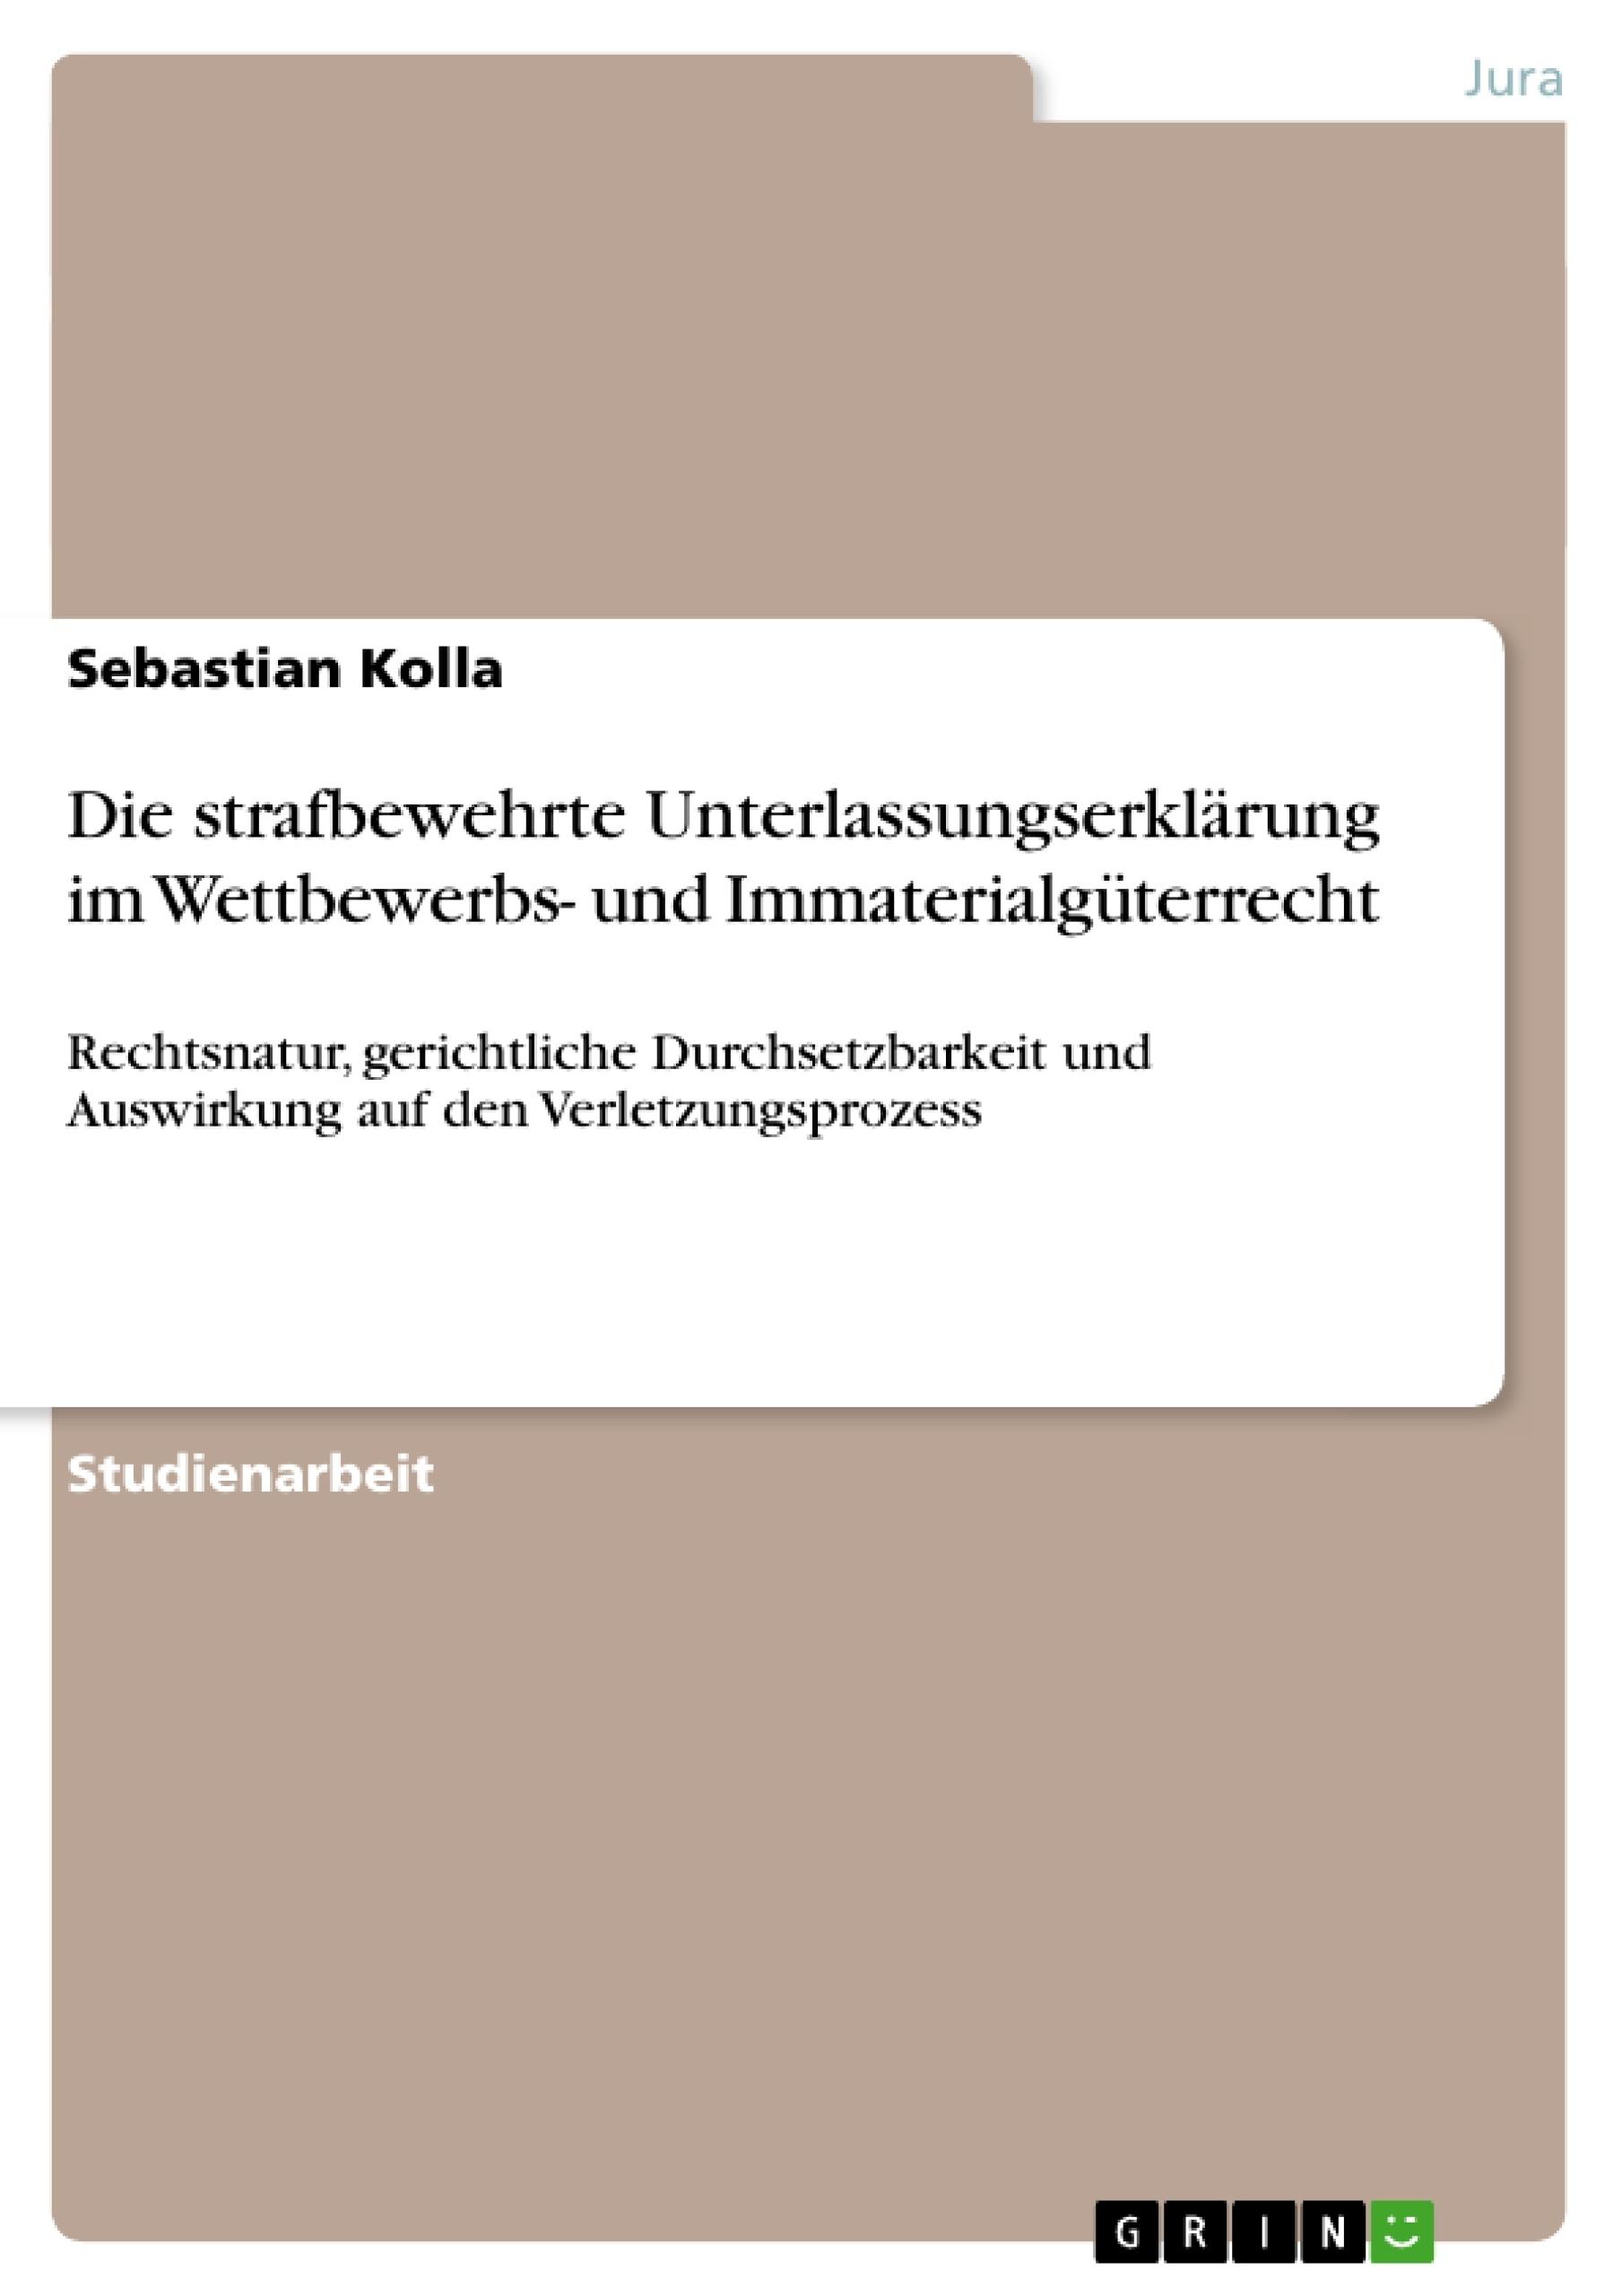 Titel: Die strafbewehrte Unterlassungserklärung im Wettbewerbs- und Immaterialgüterrecht